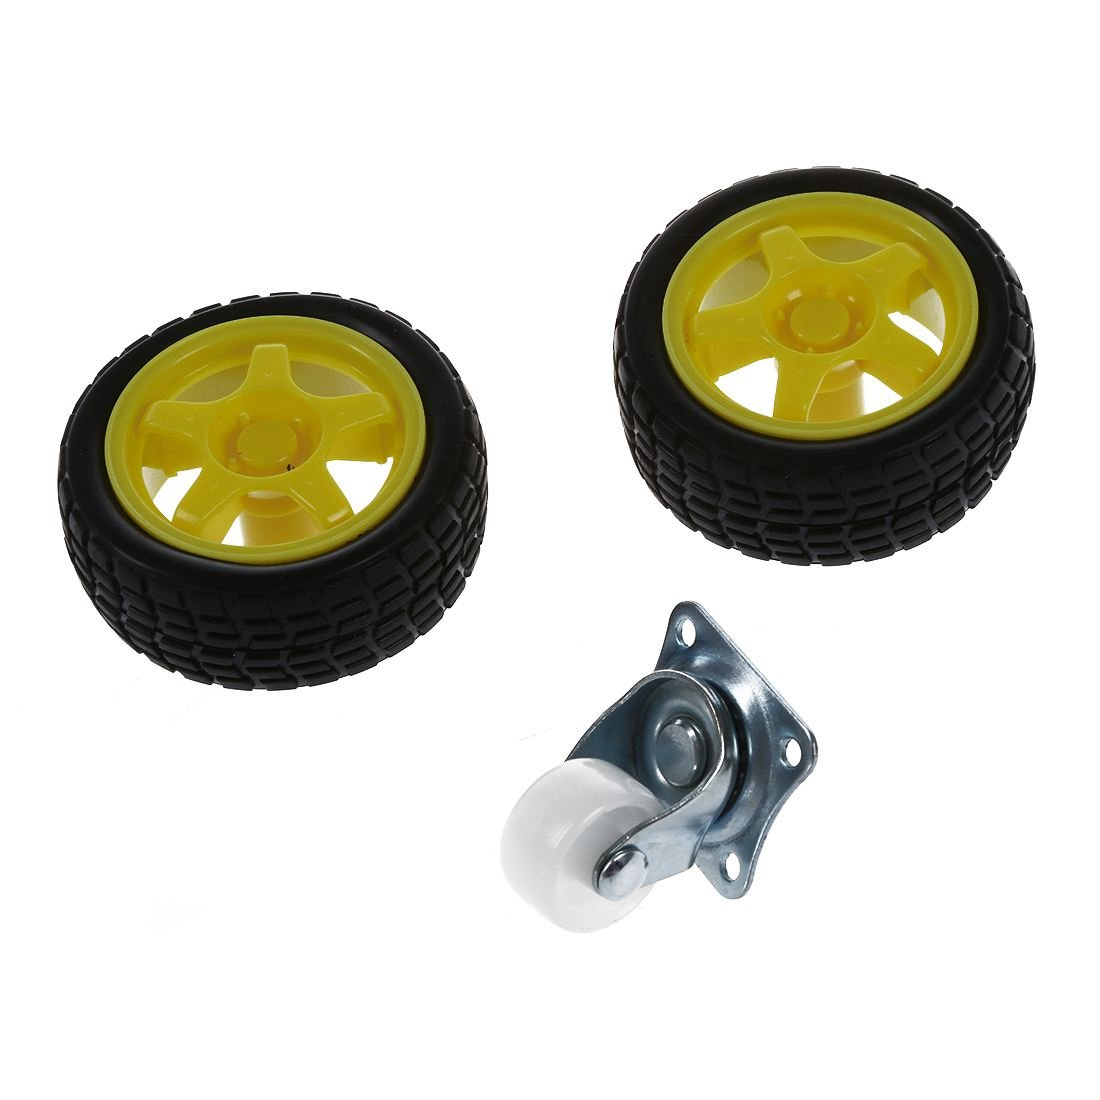 SODIAL(R) Kit Chasis WST inteligente de motores Robot Car velocidad Encoder Caja de bateria: Amazon.es: Juguetes y juegos